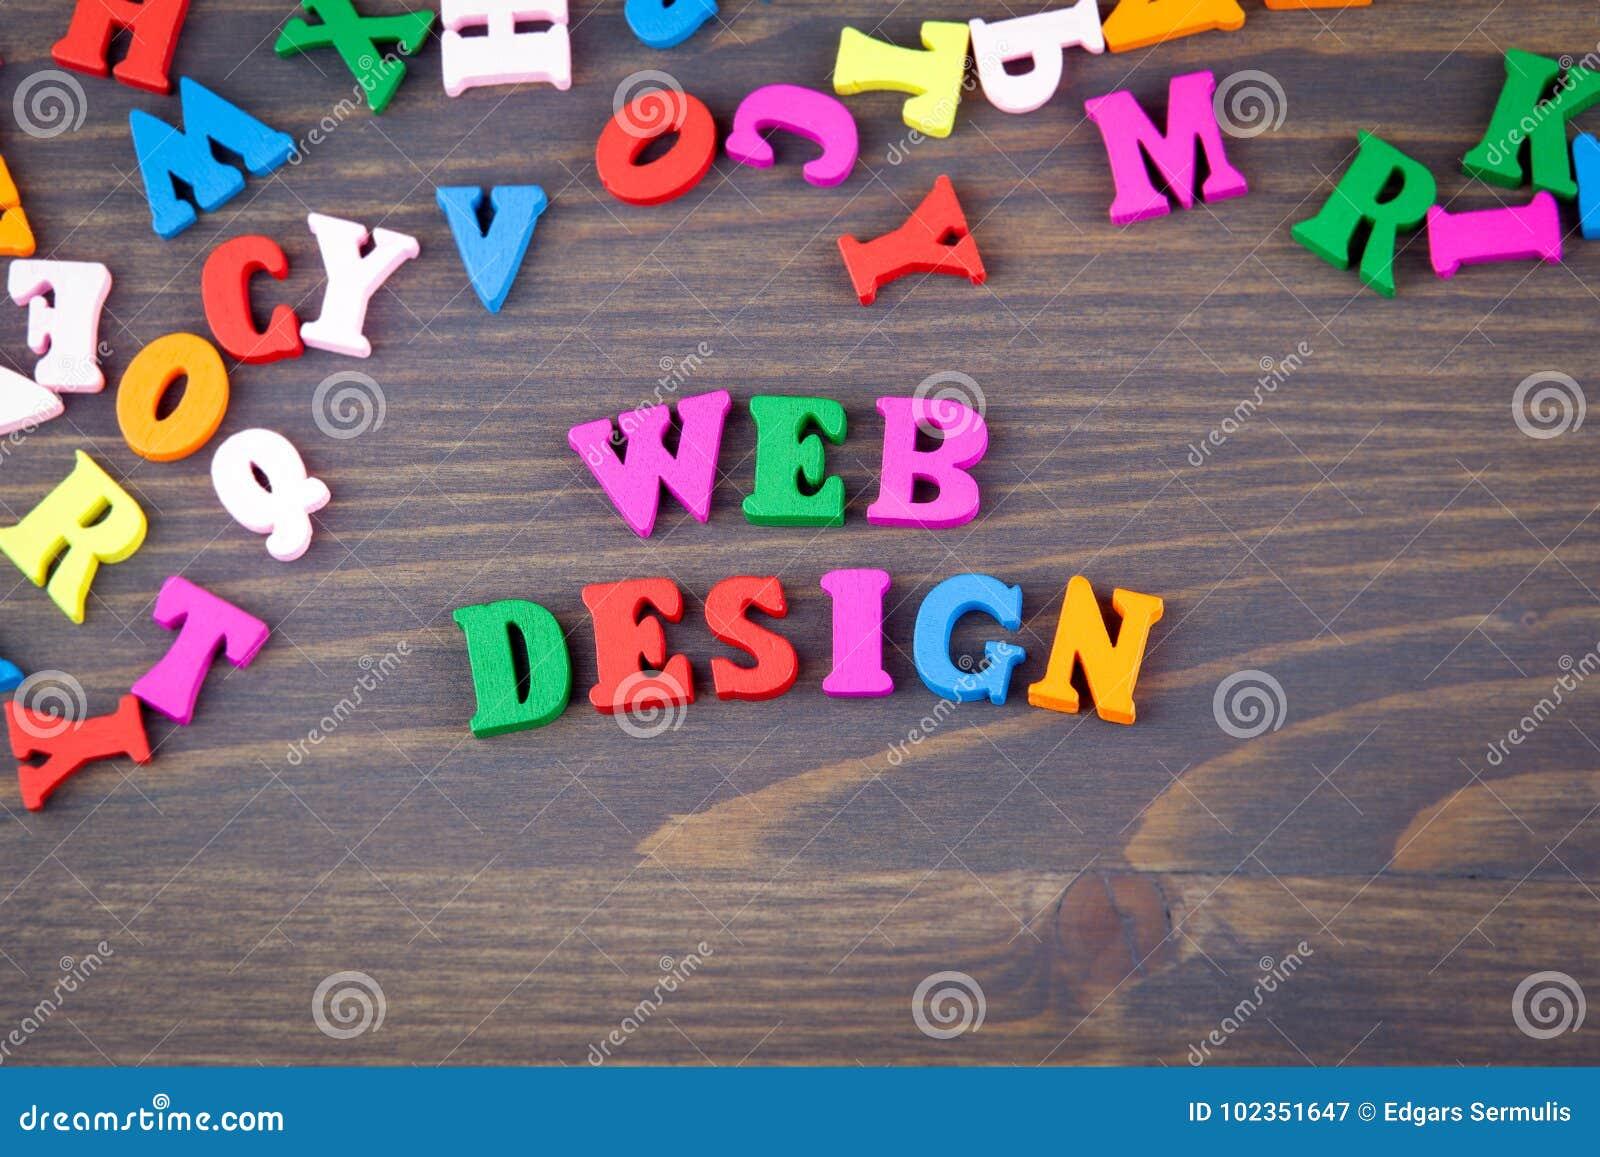 Lettere Di Legno Colorate : Web design sviluppo del sito web e fondo di tecnologia varie lettere